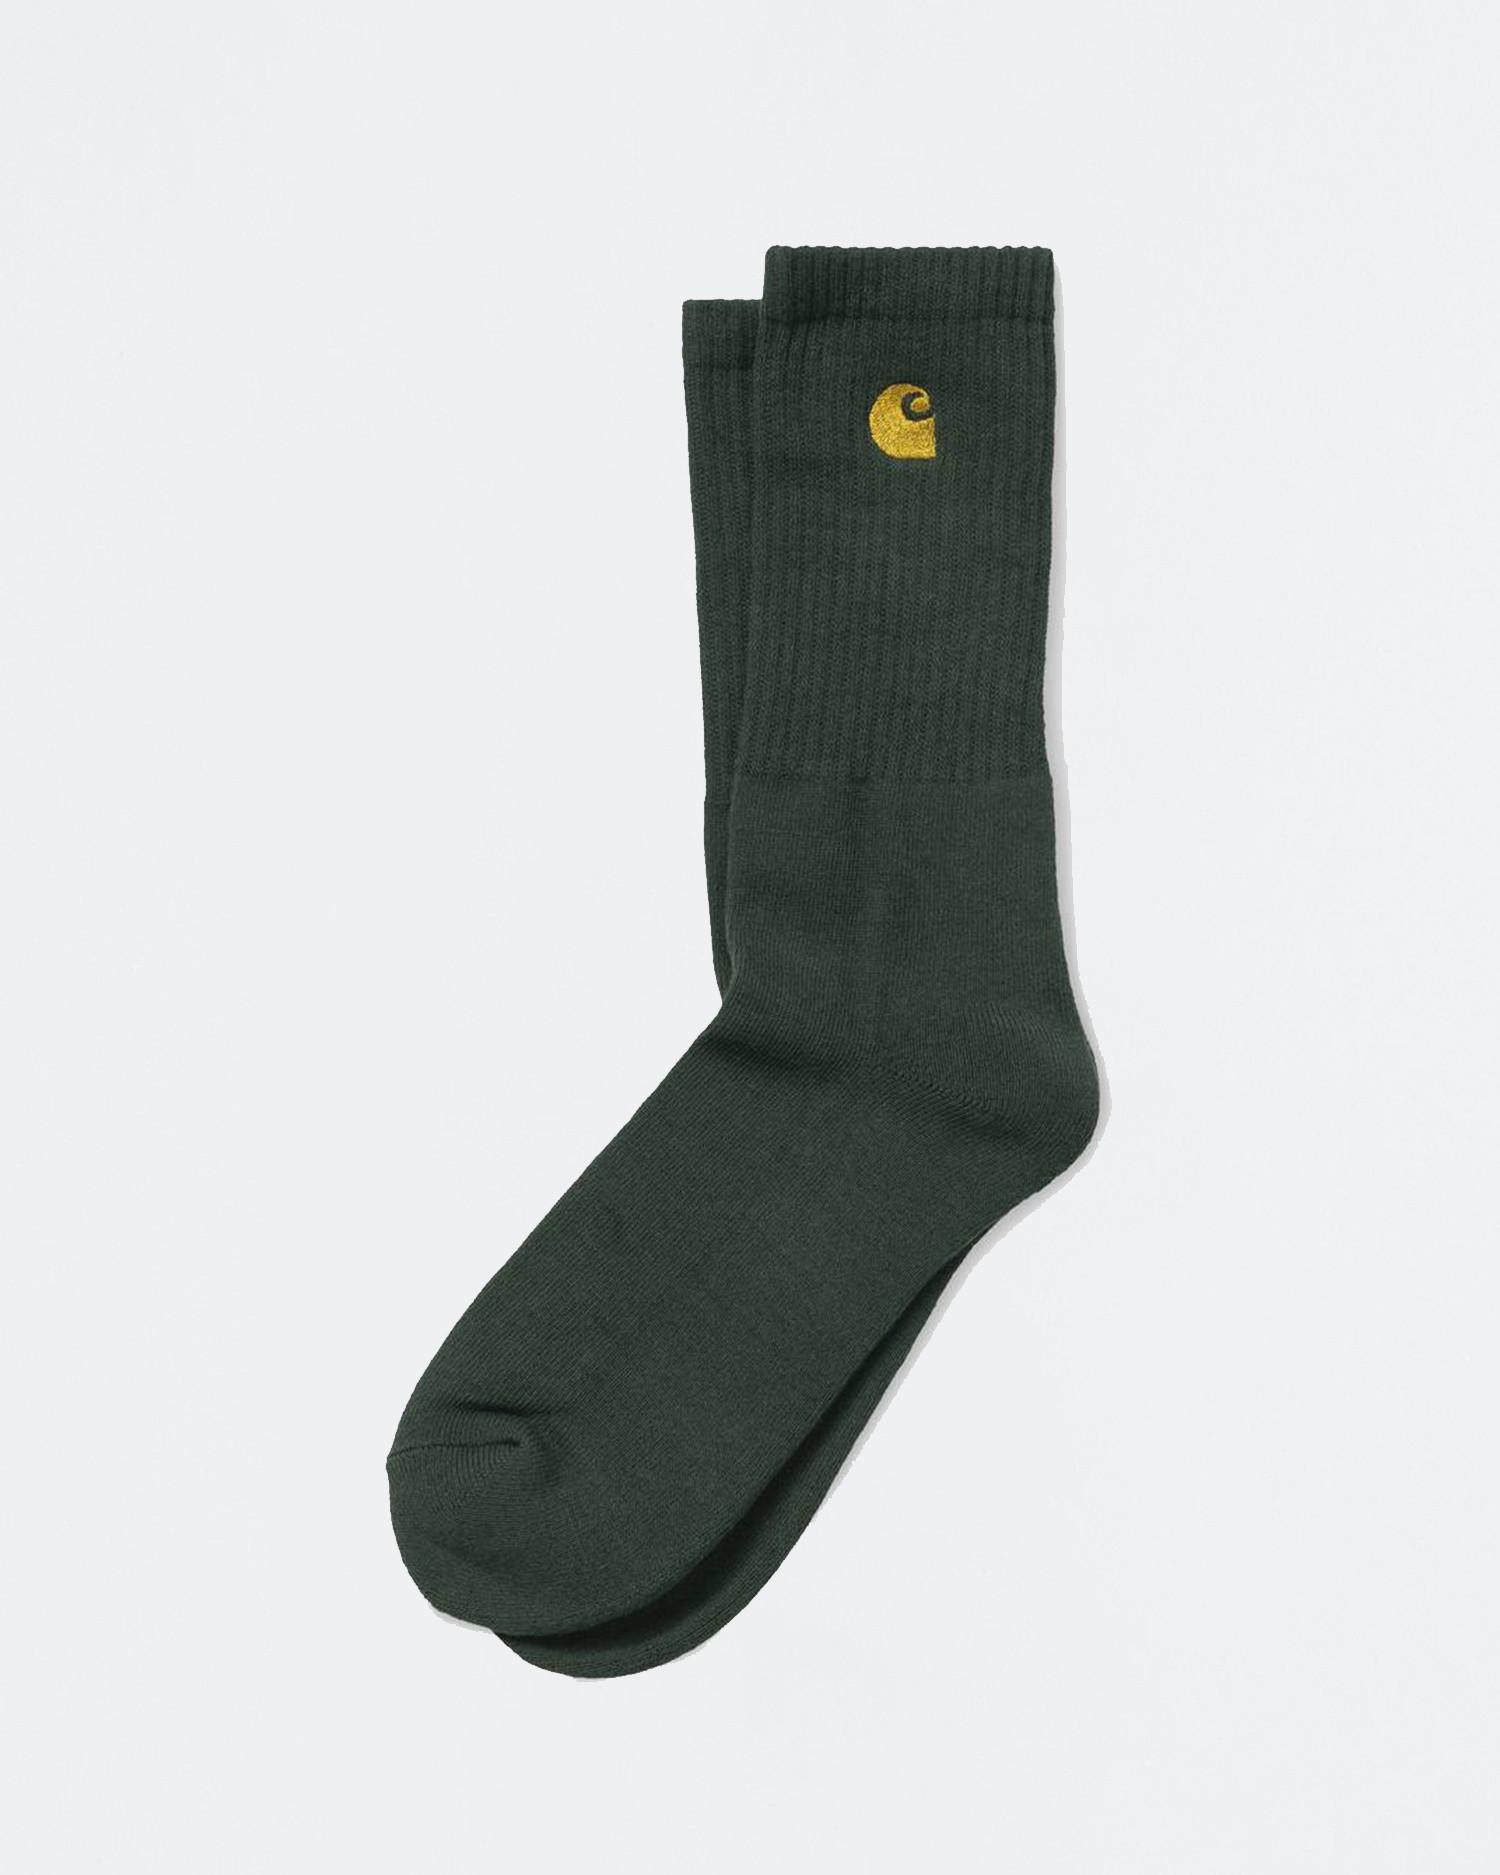 Carhartt Chase Socks Bottle Green/Gold